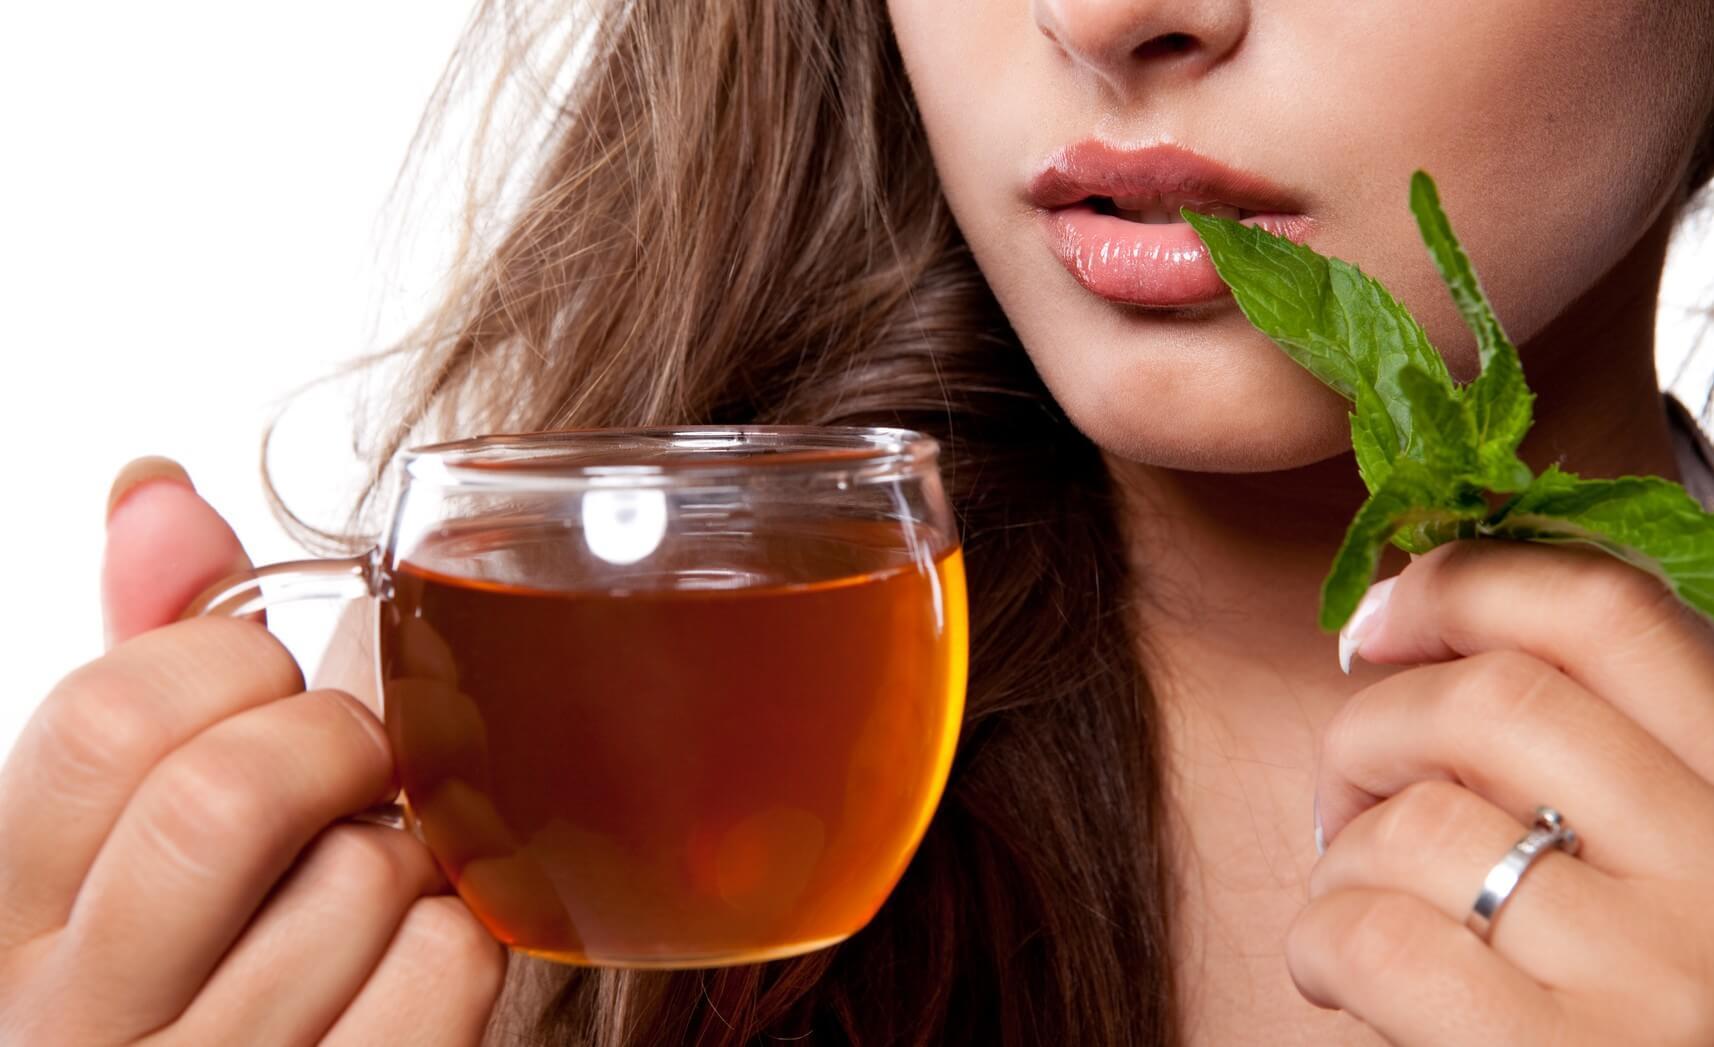 مصرف چای سبز به بازسازی و پاکسازی پوست کمک میکند.